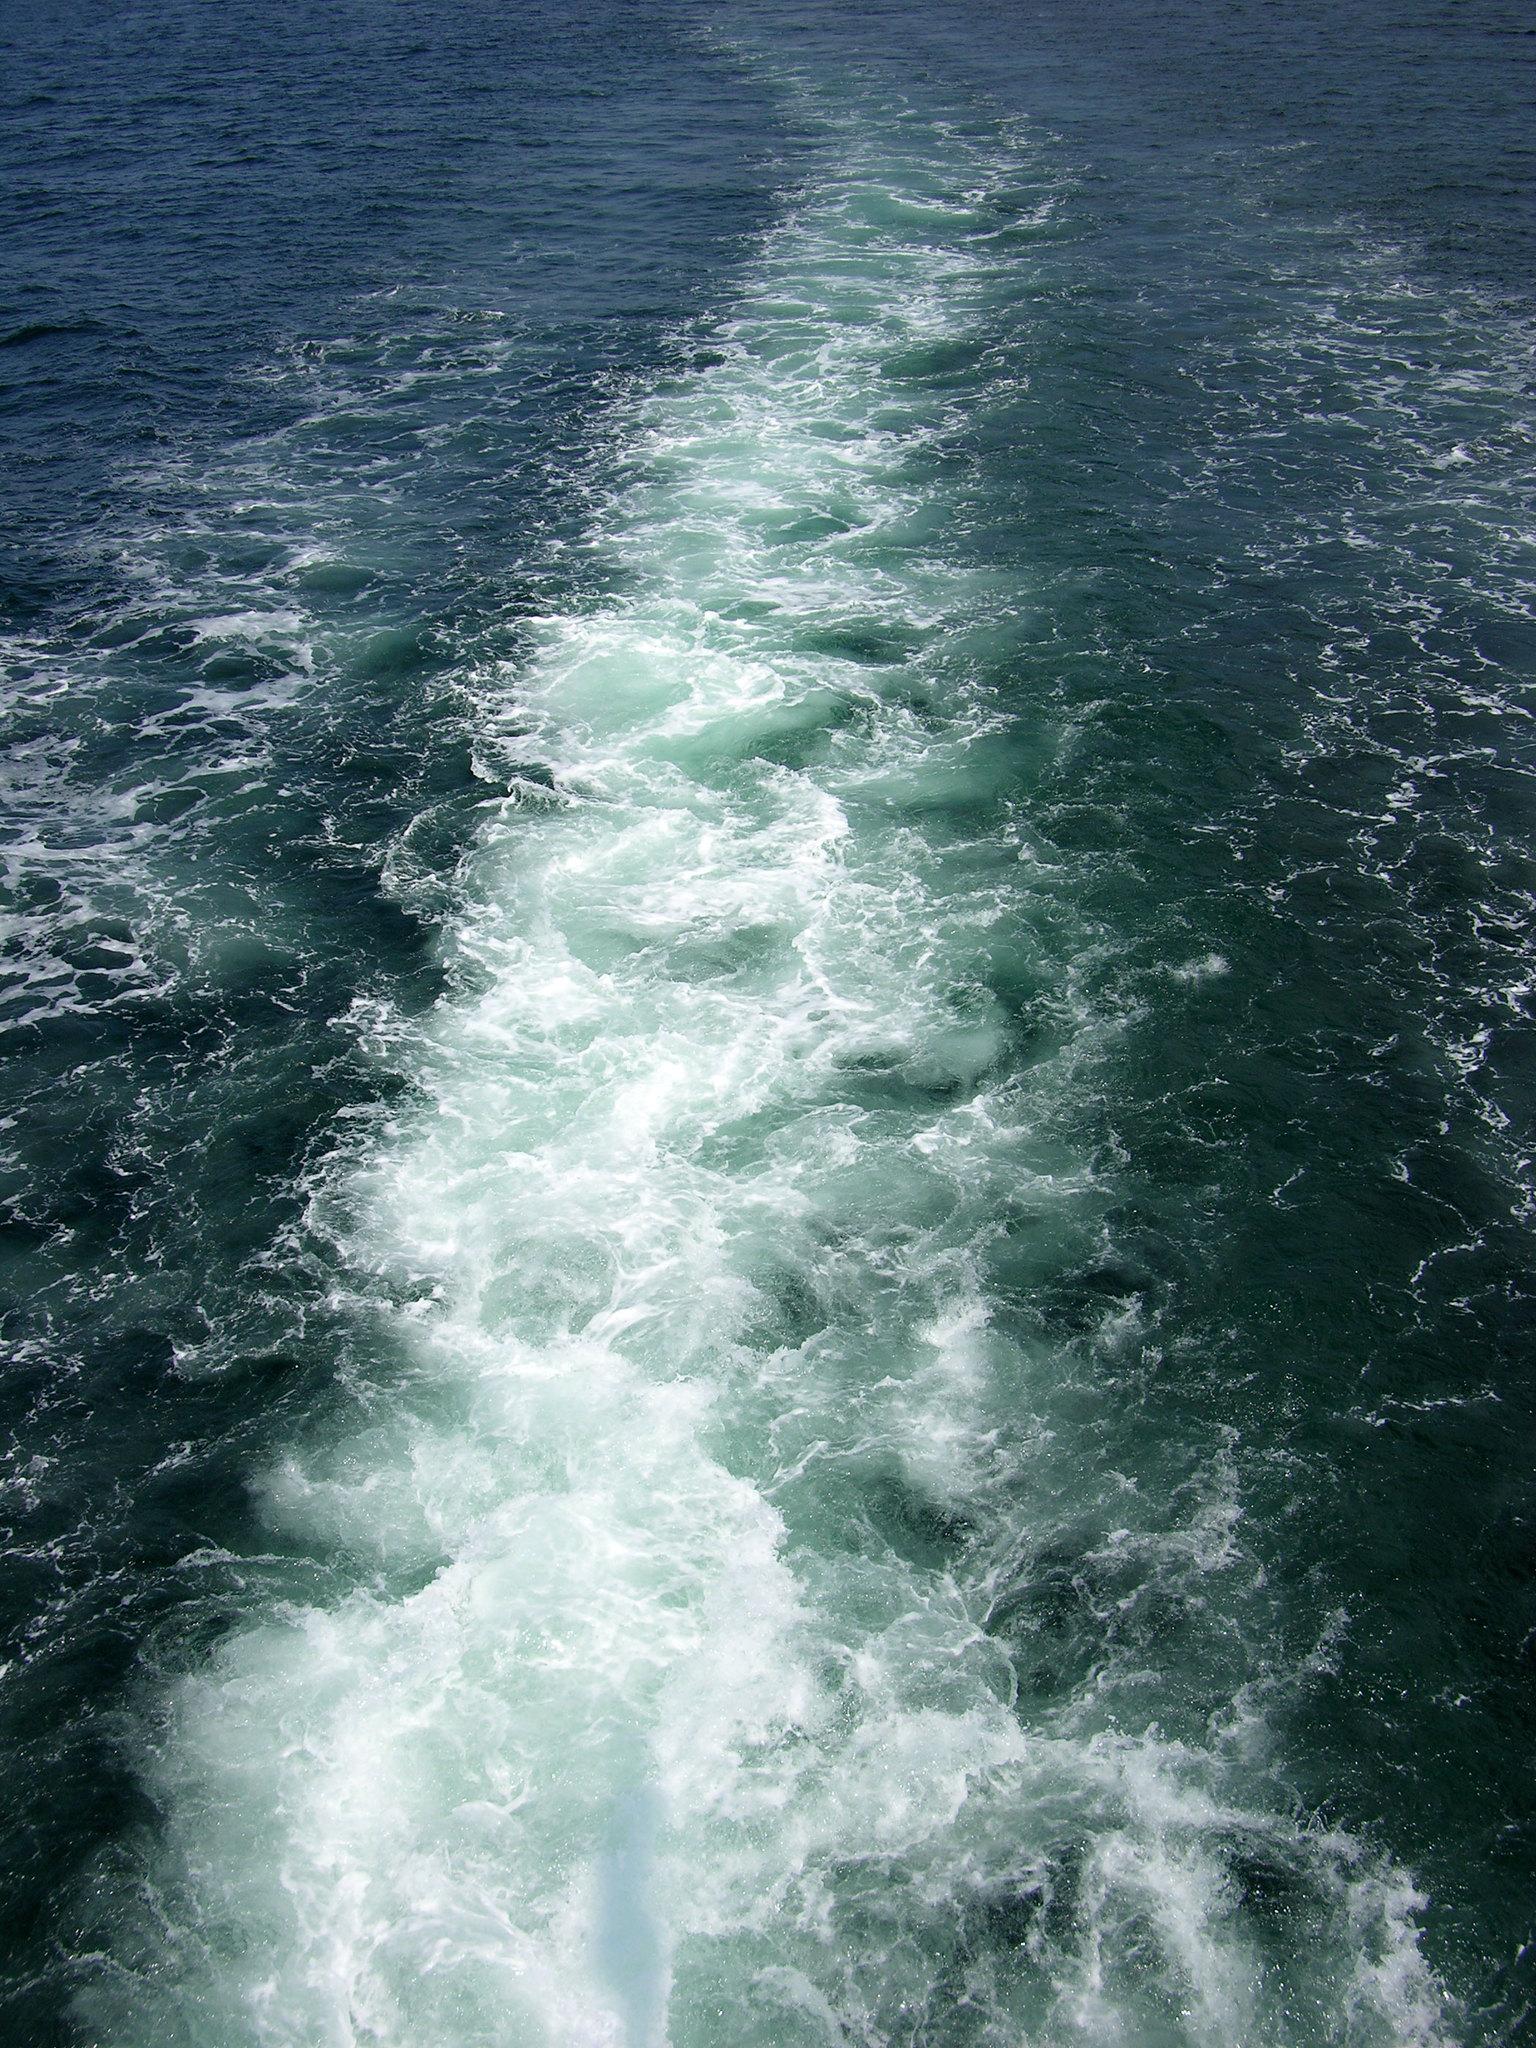 Ship's wake